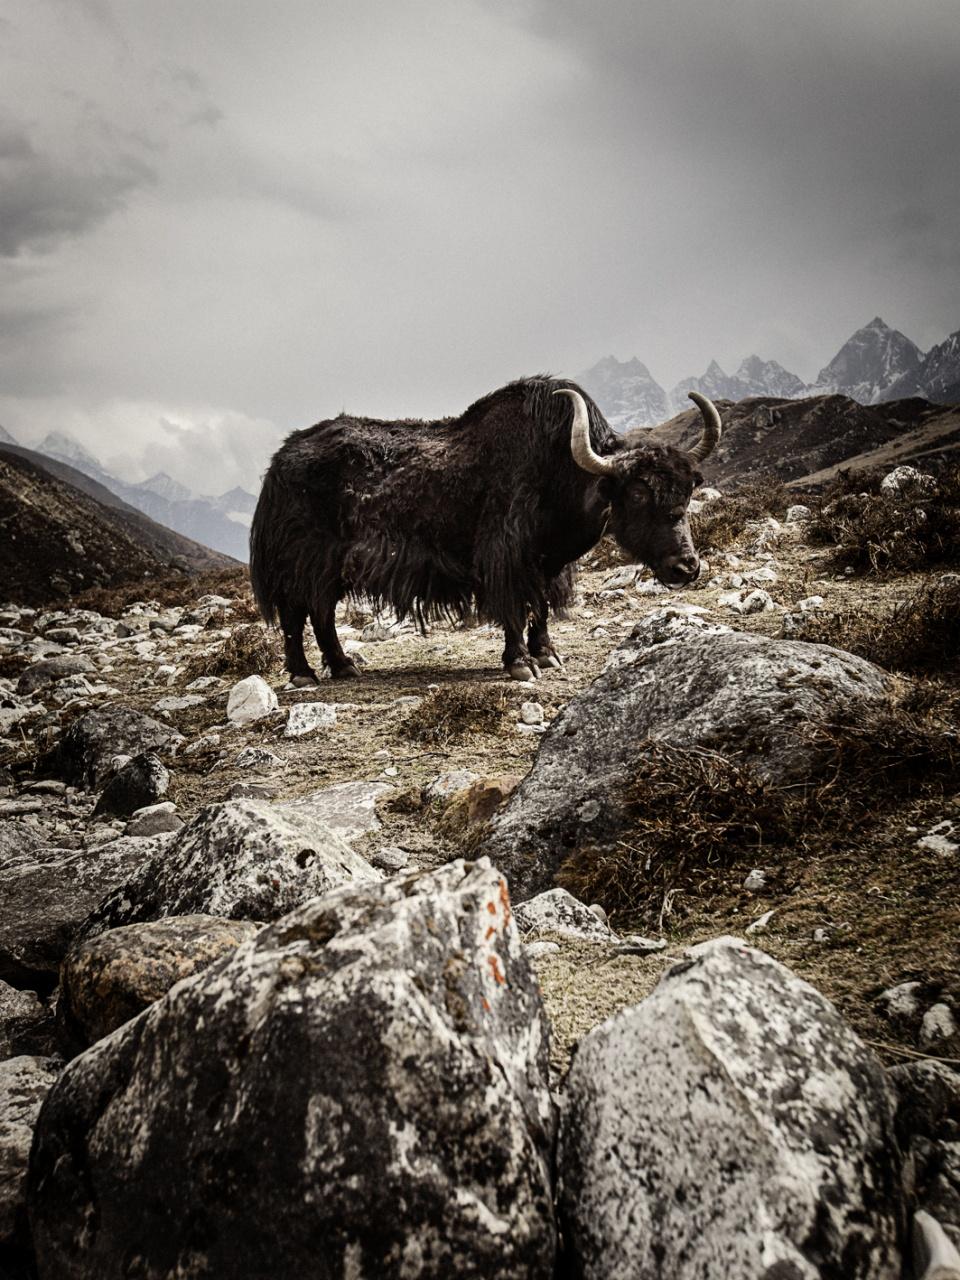 Yak, Dragnag, Khumbu, Nepal